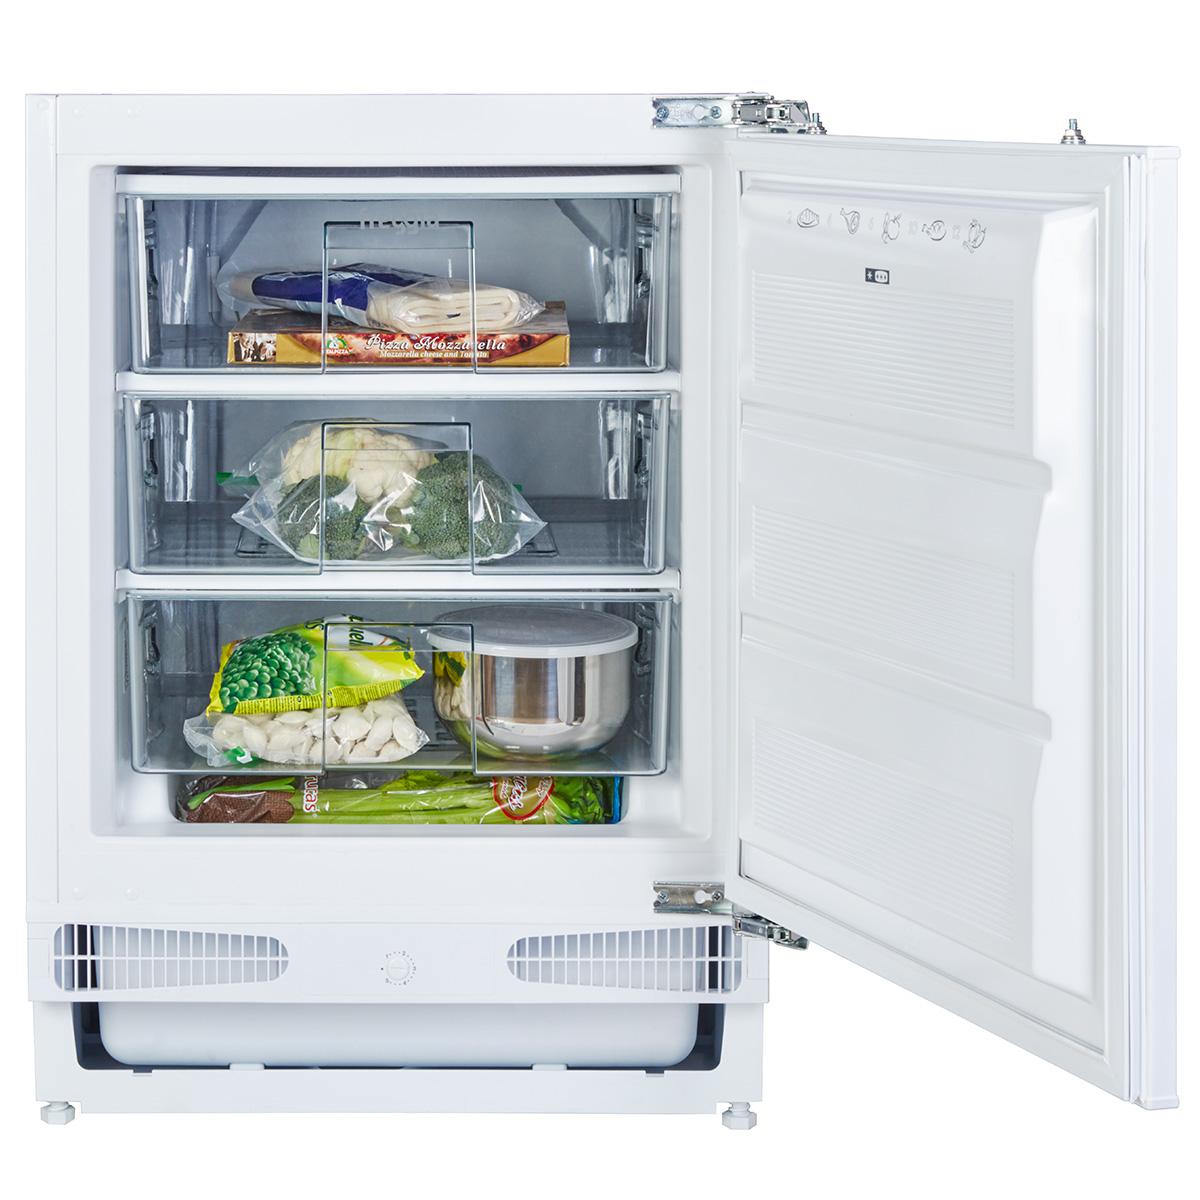 Морозильна камера Freggia LSB0010 — Холодильники — Вбудована техніка ... 8e2f81f26df2f